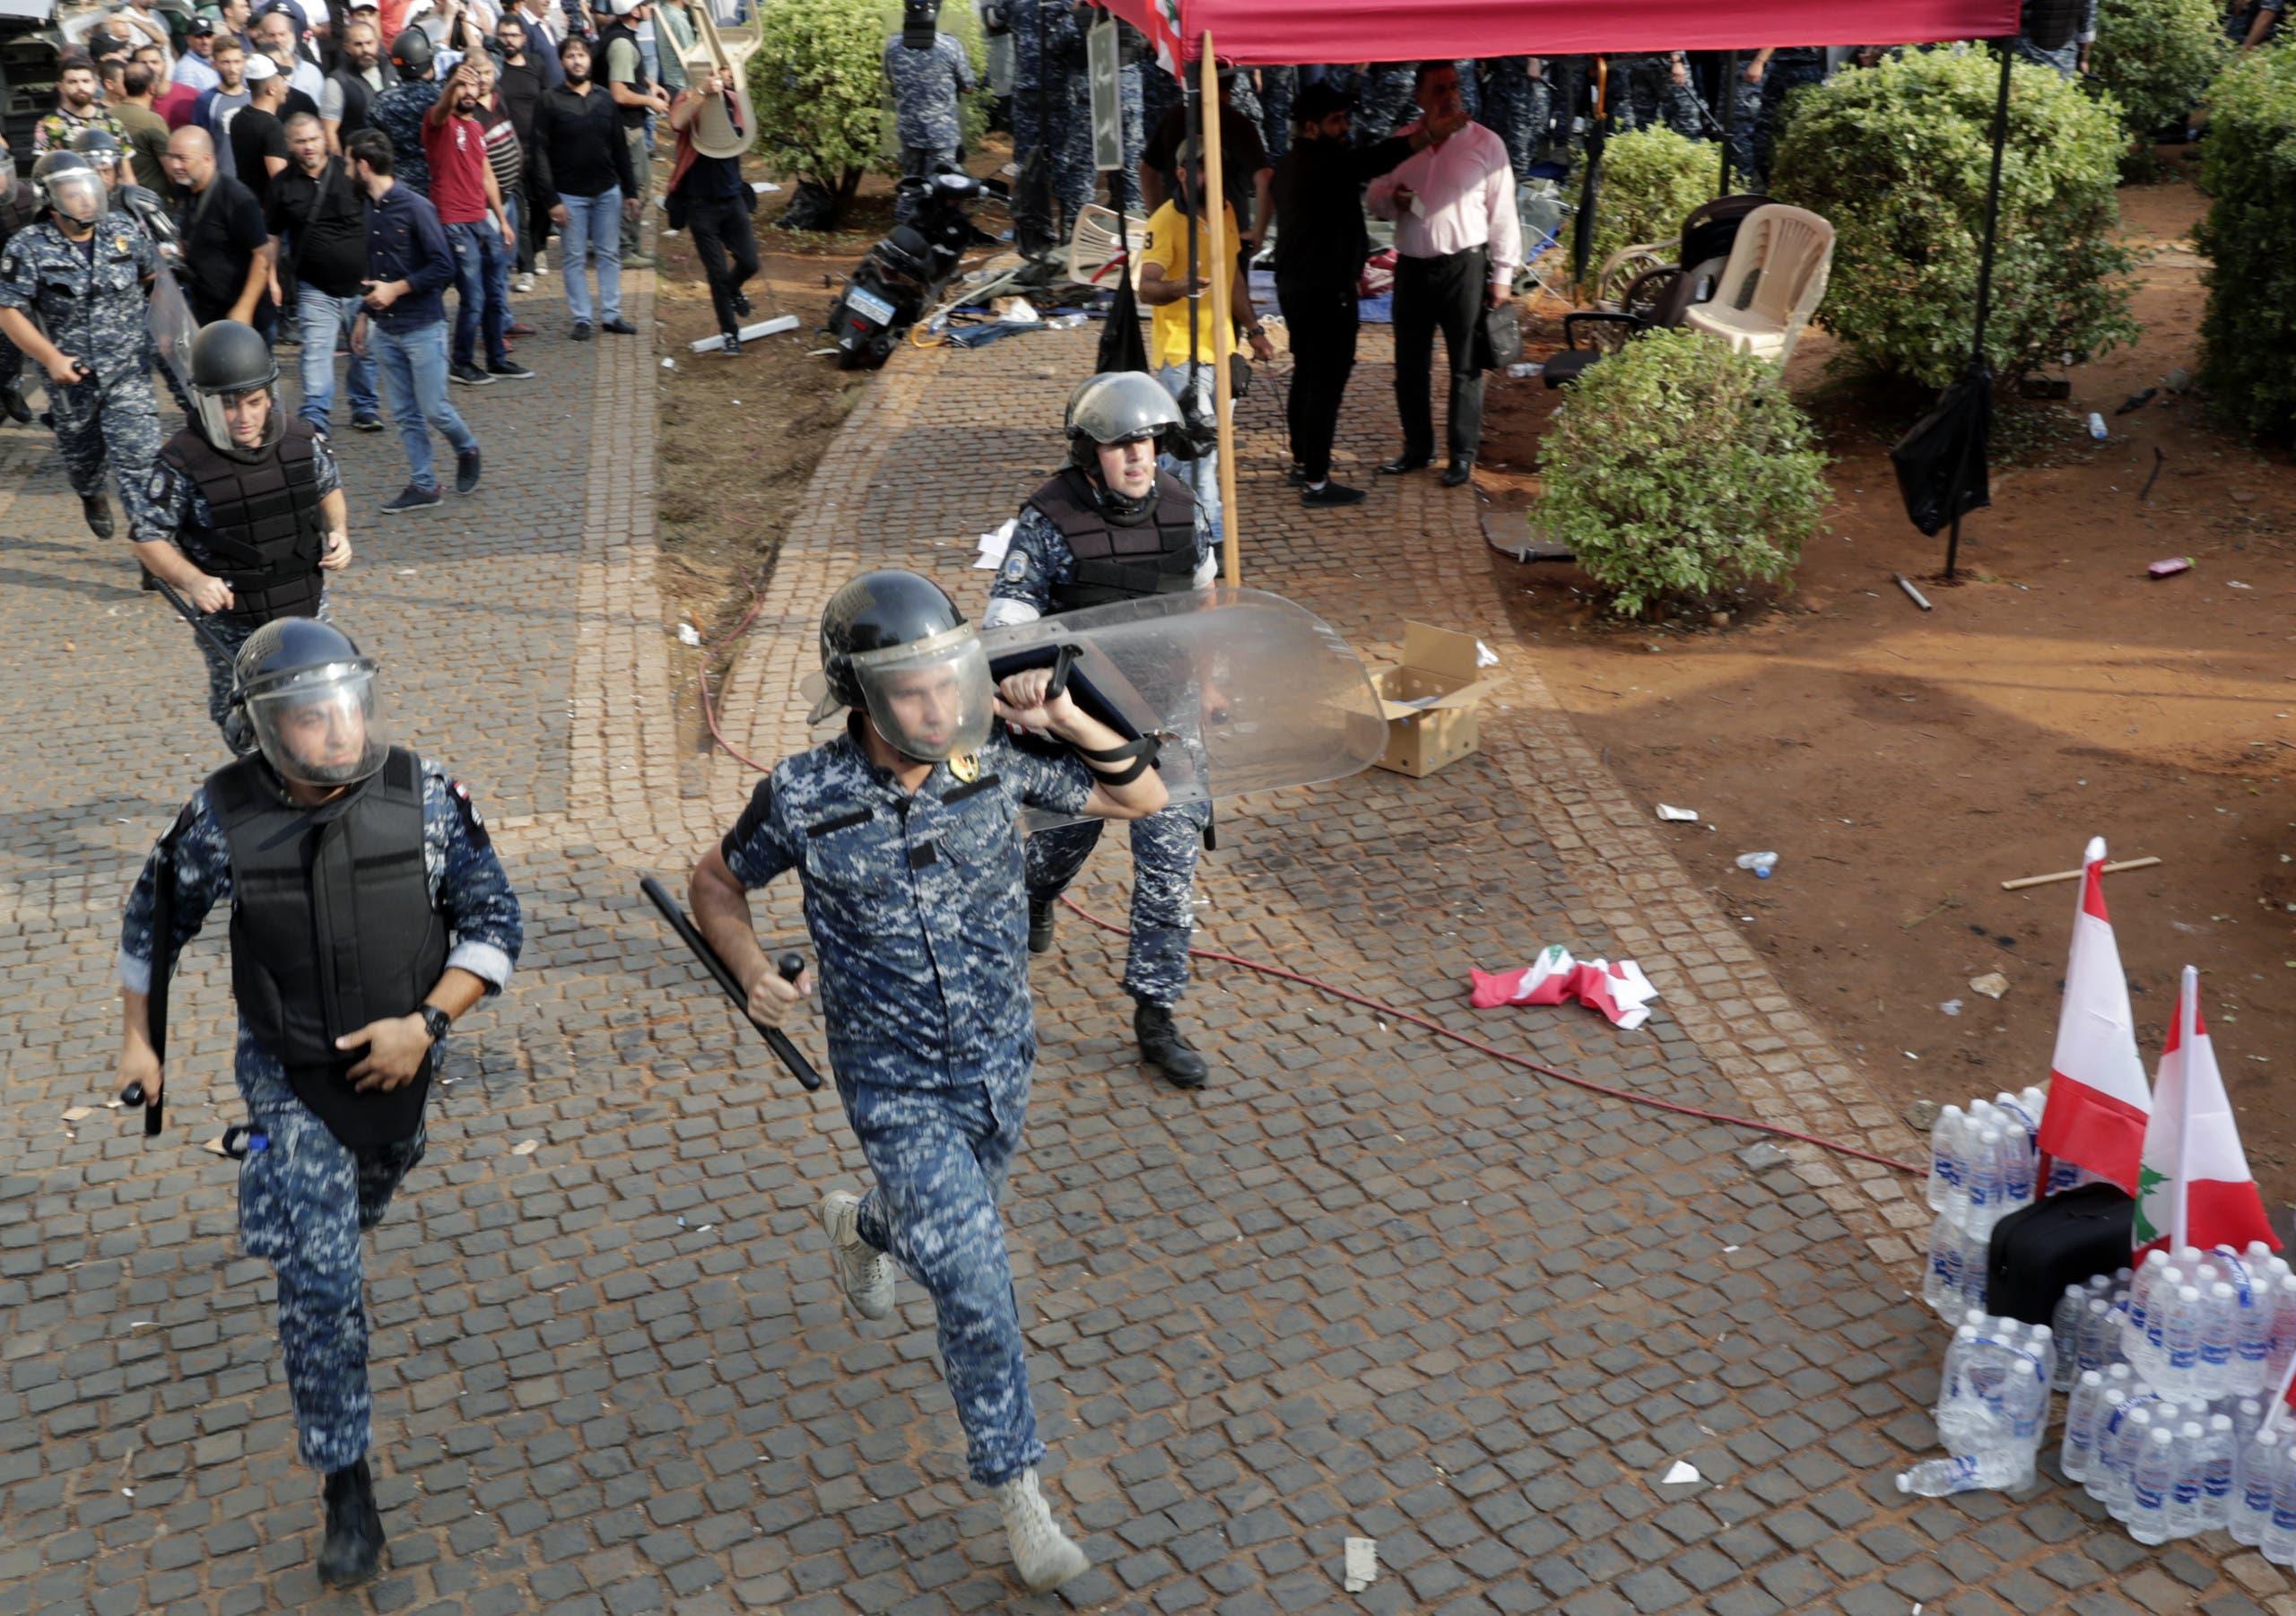 قوات الأمن تلاحق مناصري حزب الله المثيرين للشغب خلال تظاهرات رياض الصلح في بيروت اليوم